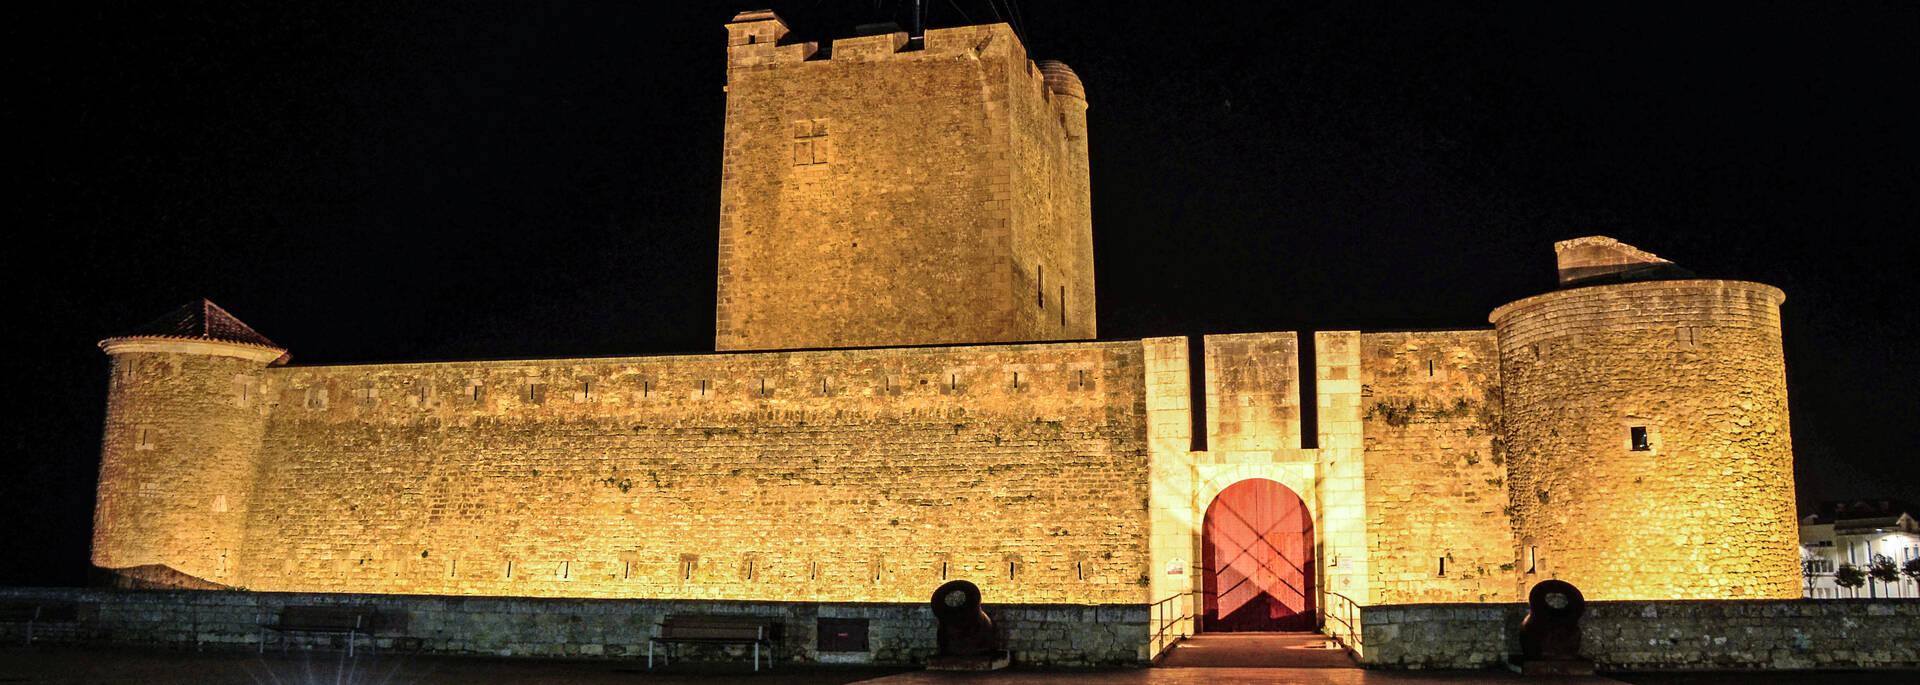 Fort Vuban at night - © Baptiste Chambard